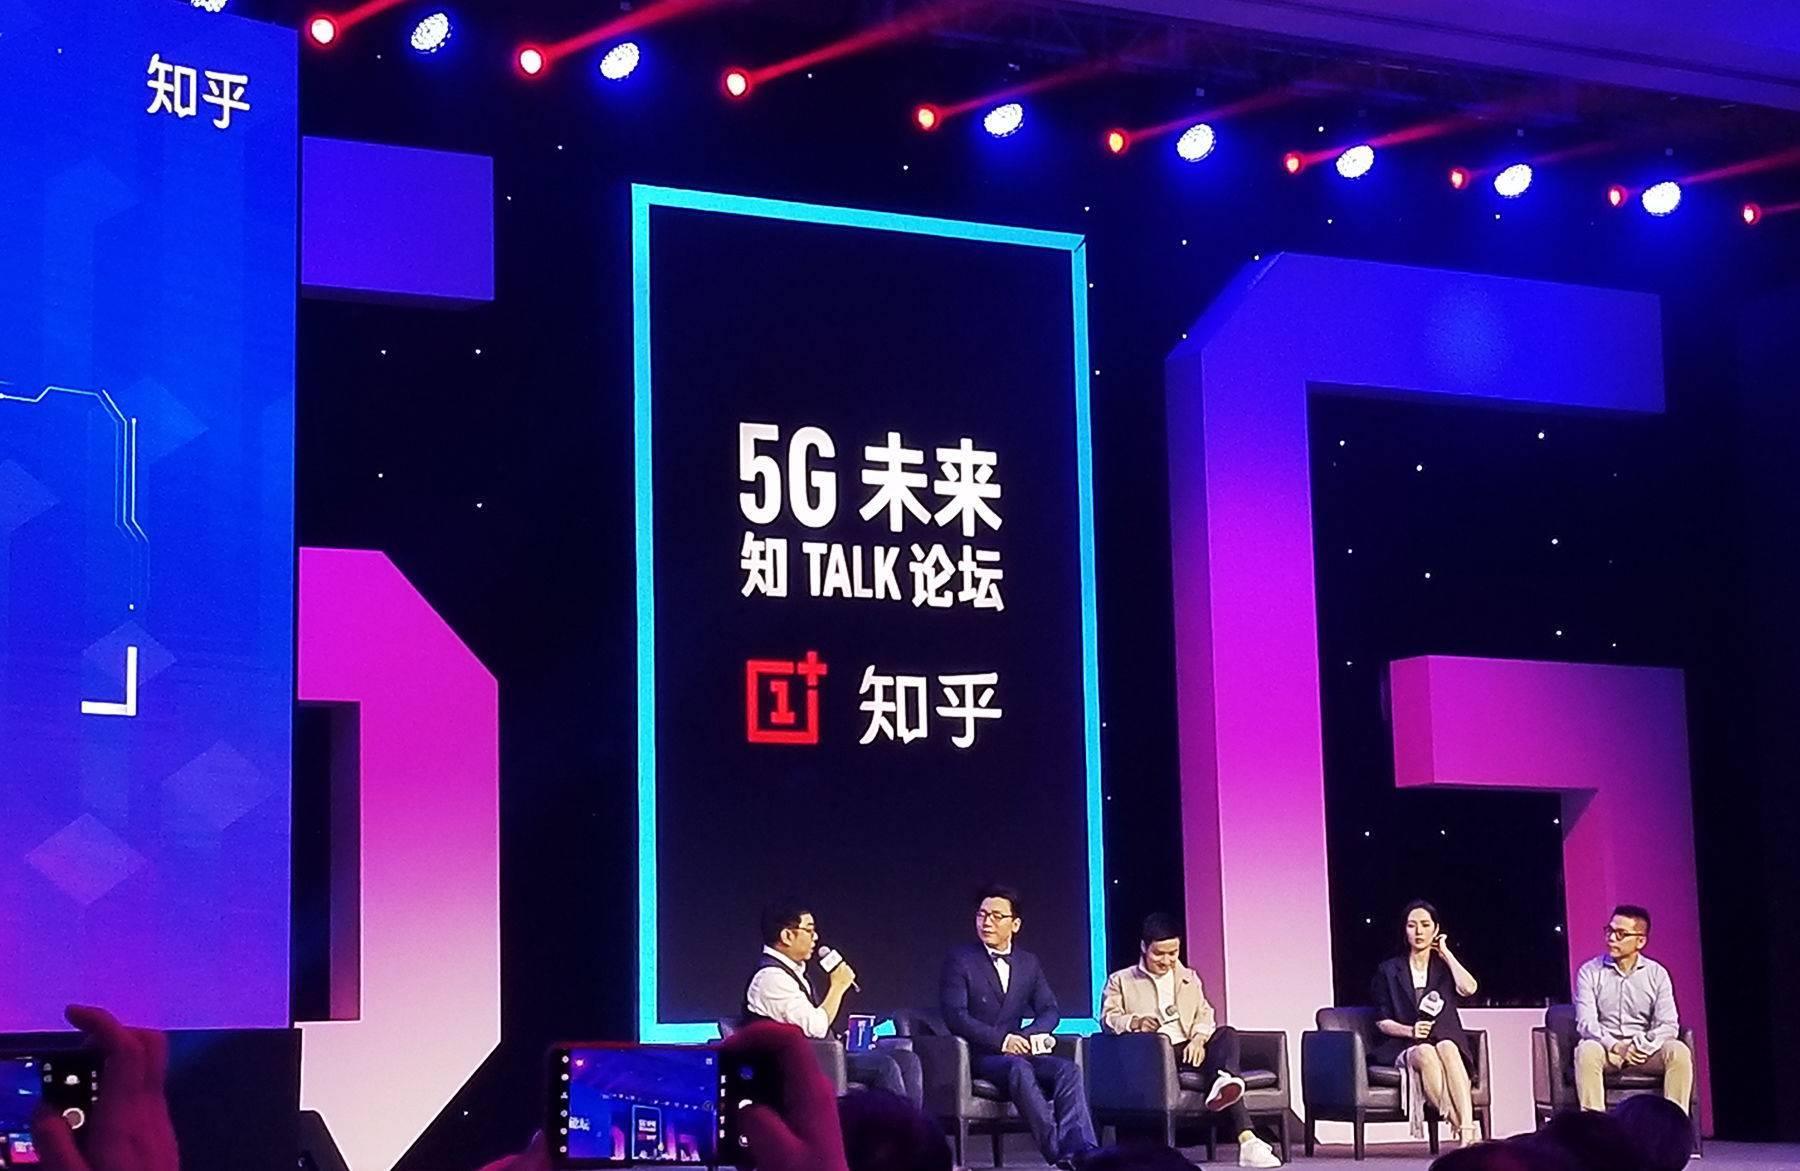 一加刘作虎:5G 的实现会经过三个阶段,所有产业都将迎来巨大变革